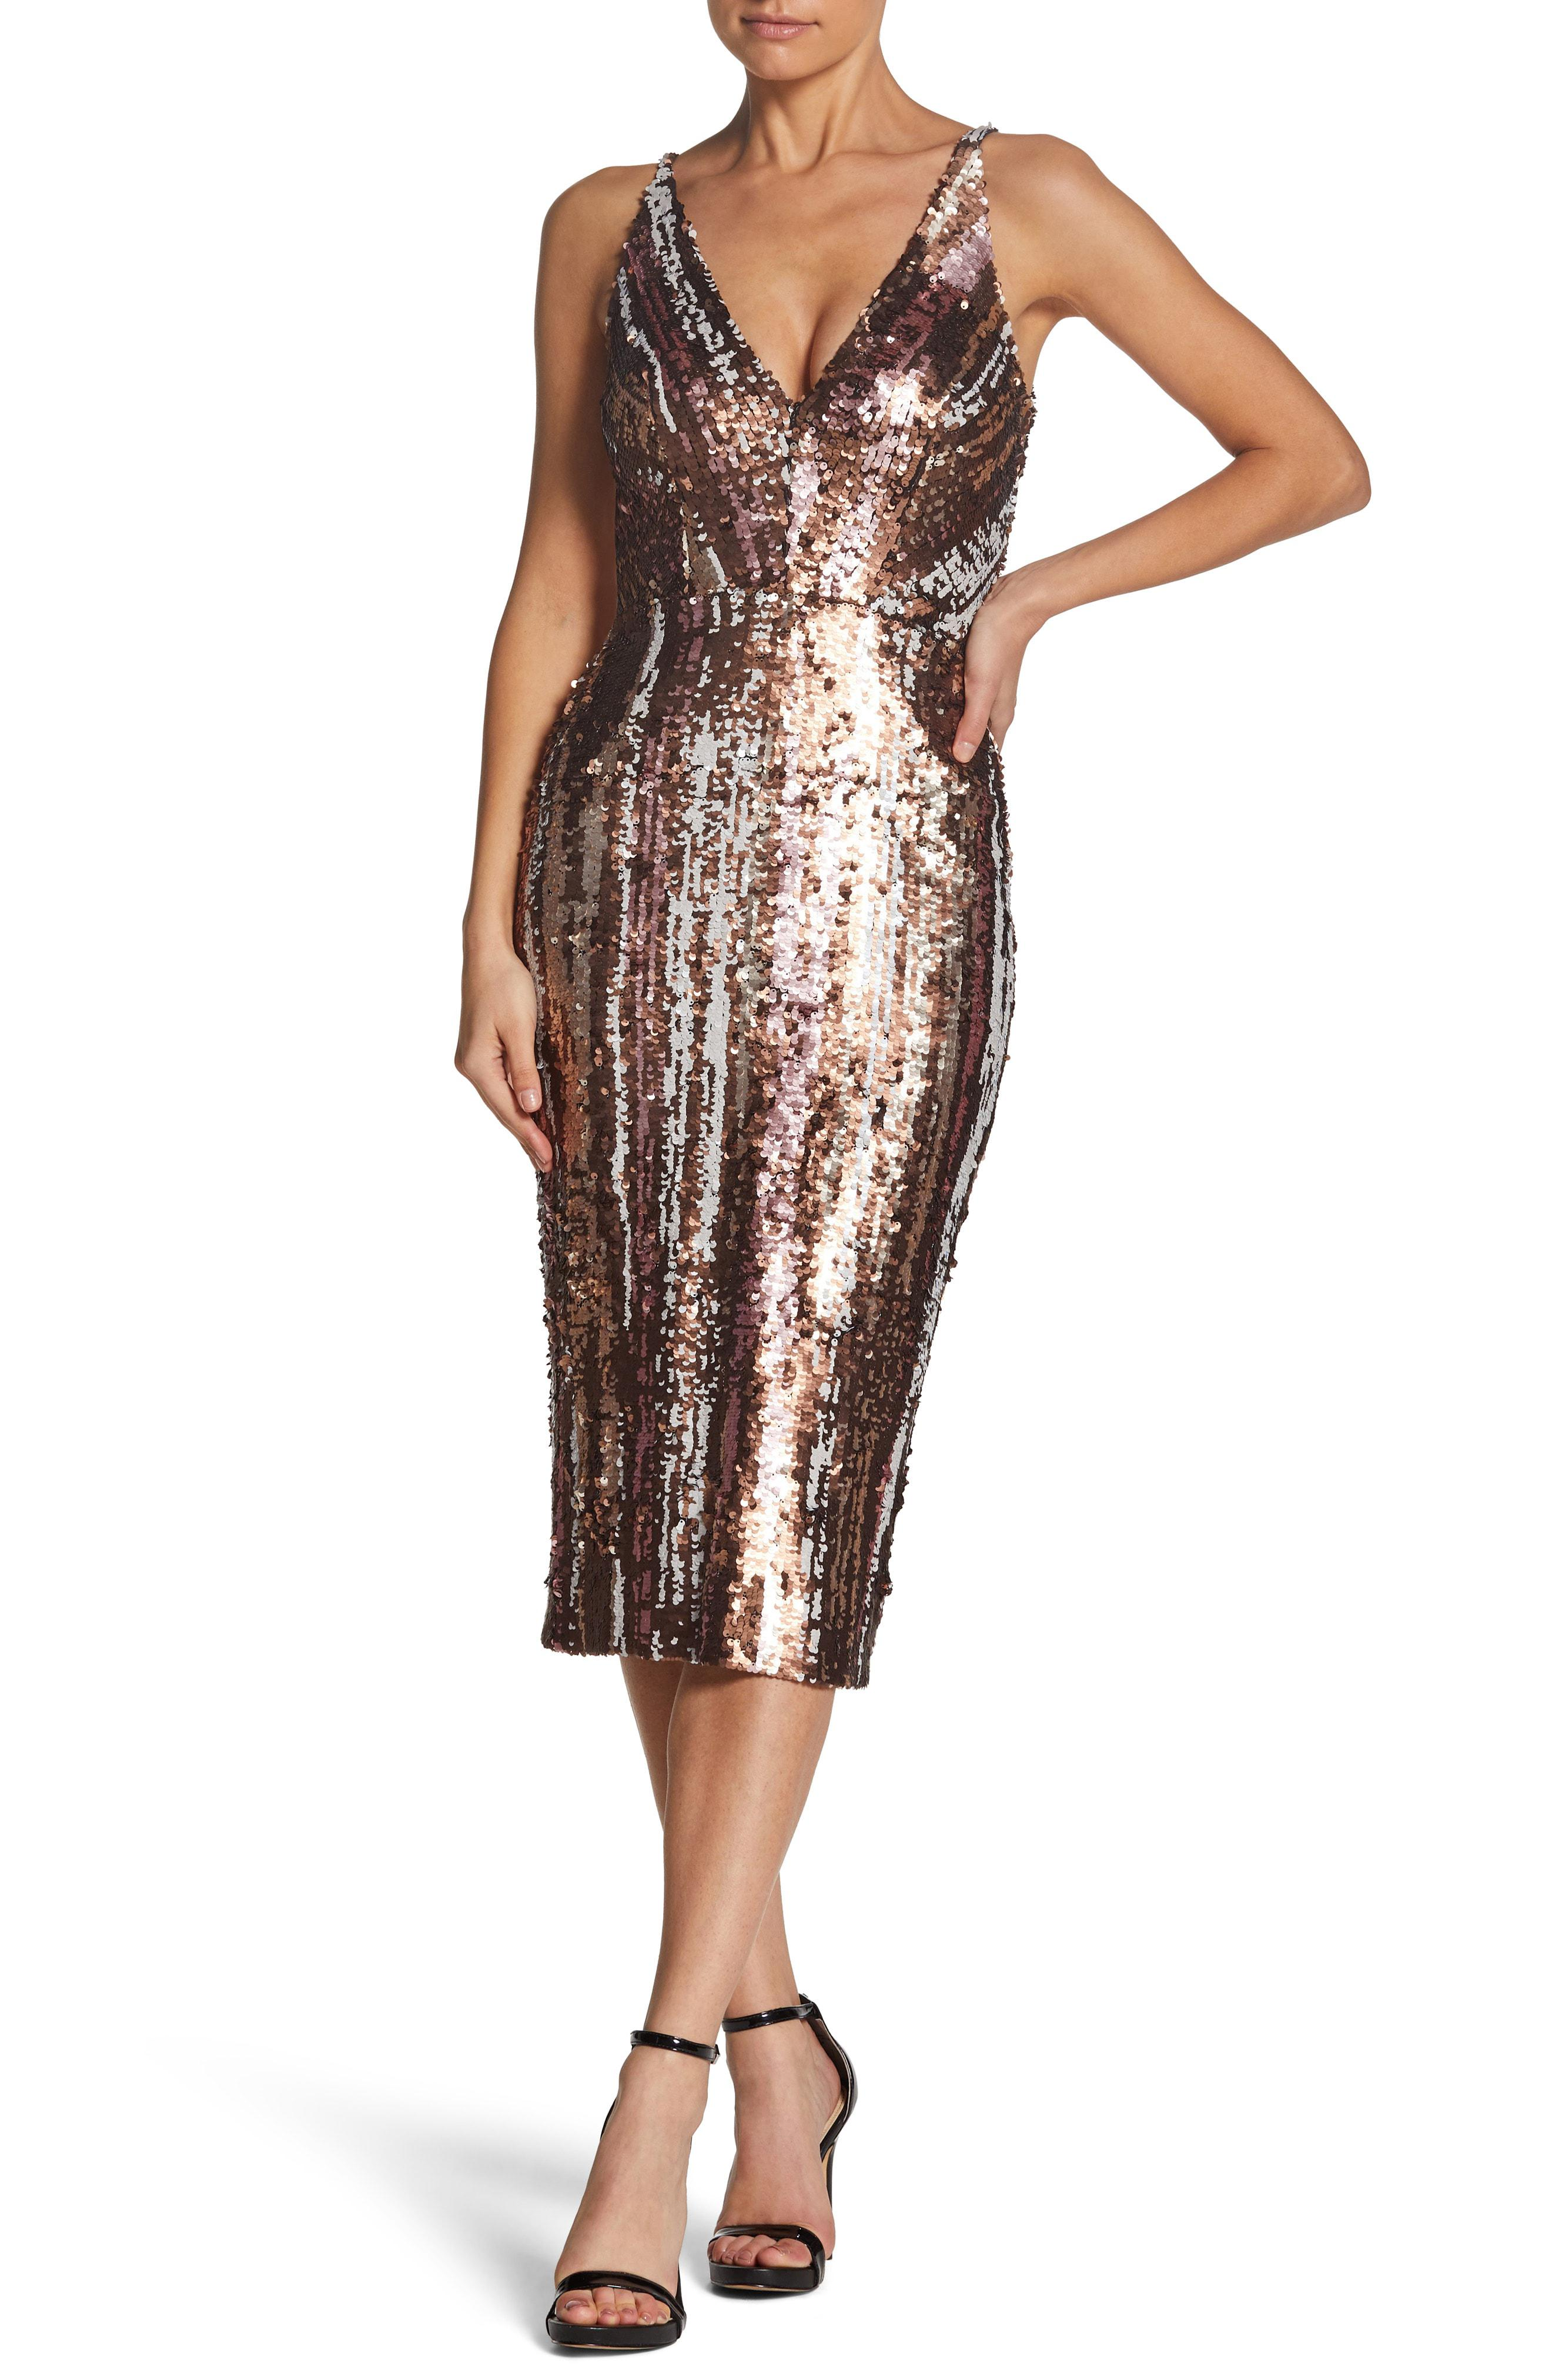 dress the population margo sequin midi dress off 20   medpharmres.com